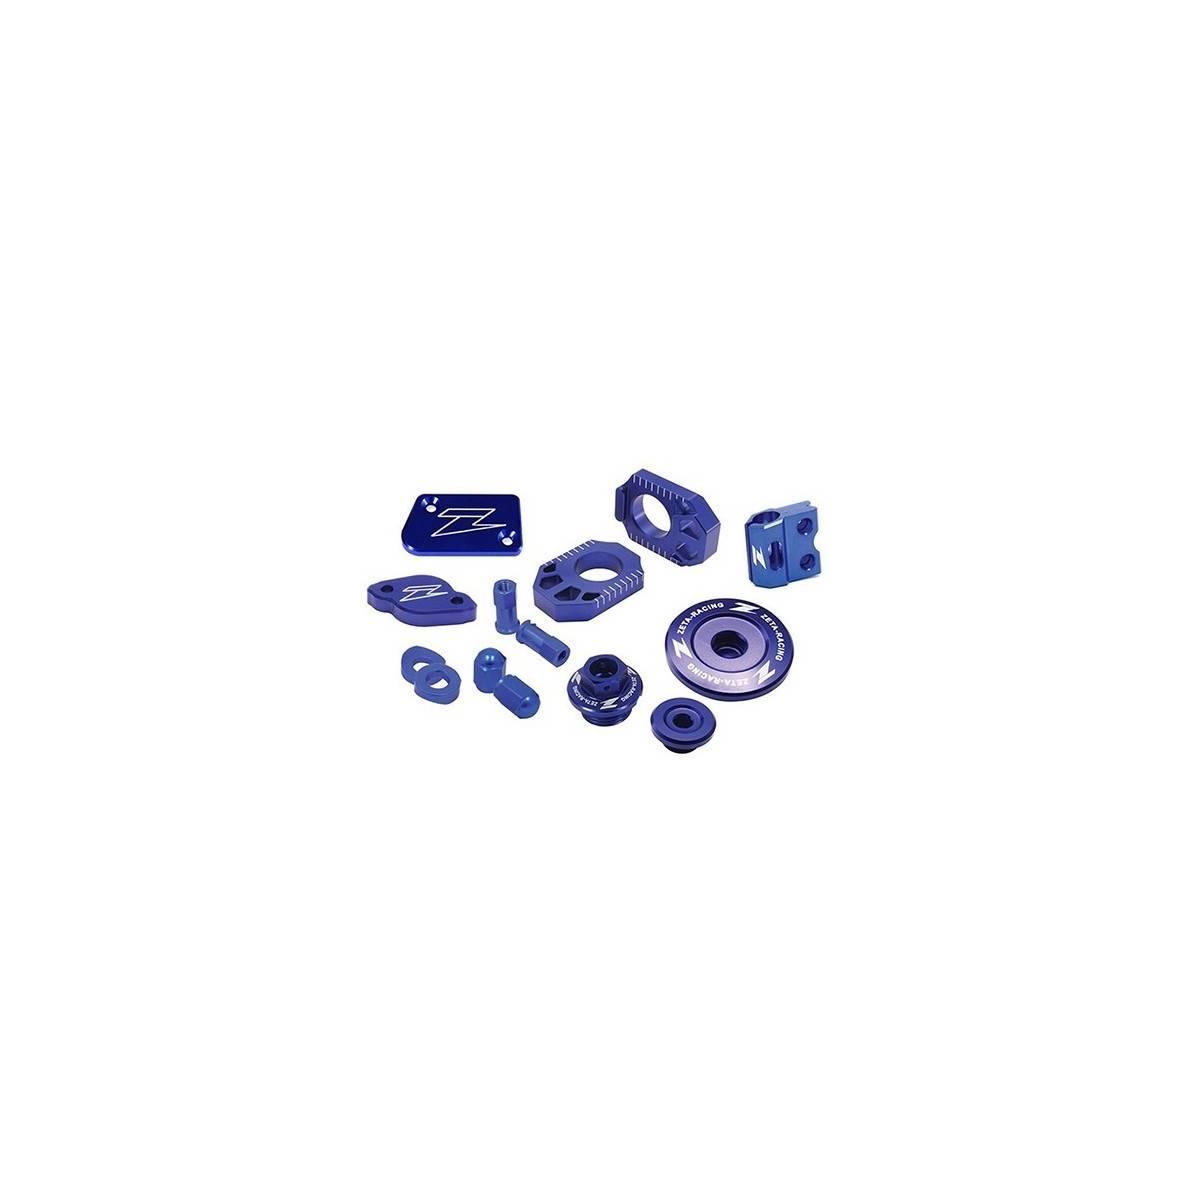 ZE51.2136 - Kit Completo Kawasaki Kx250F´11-,Kx450F´09-15 Azul